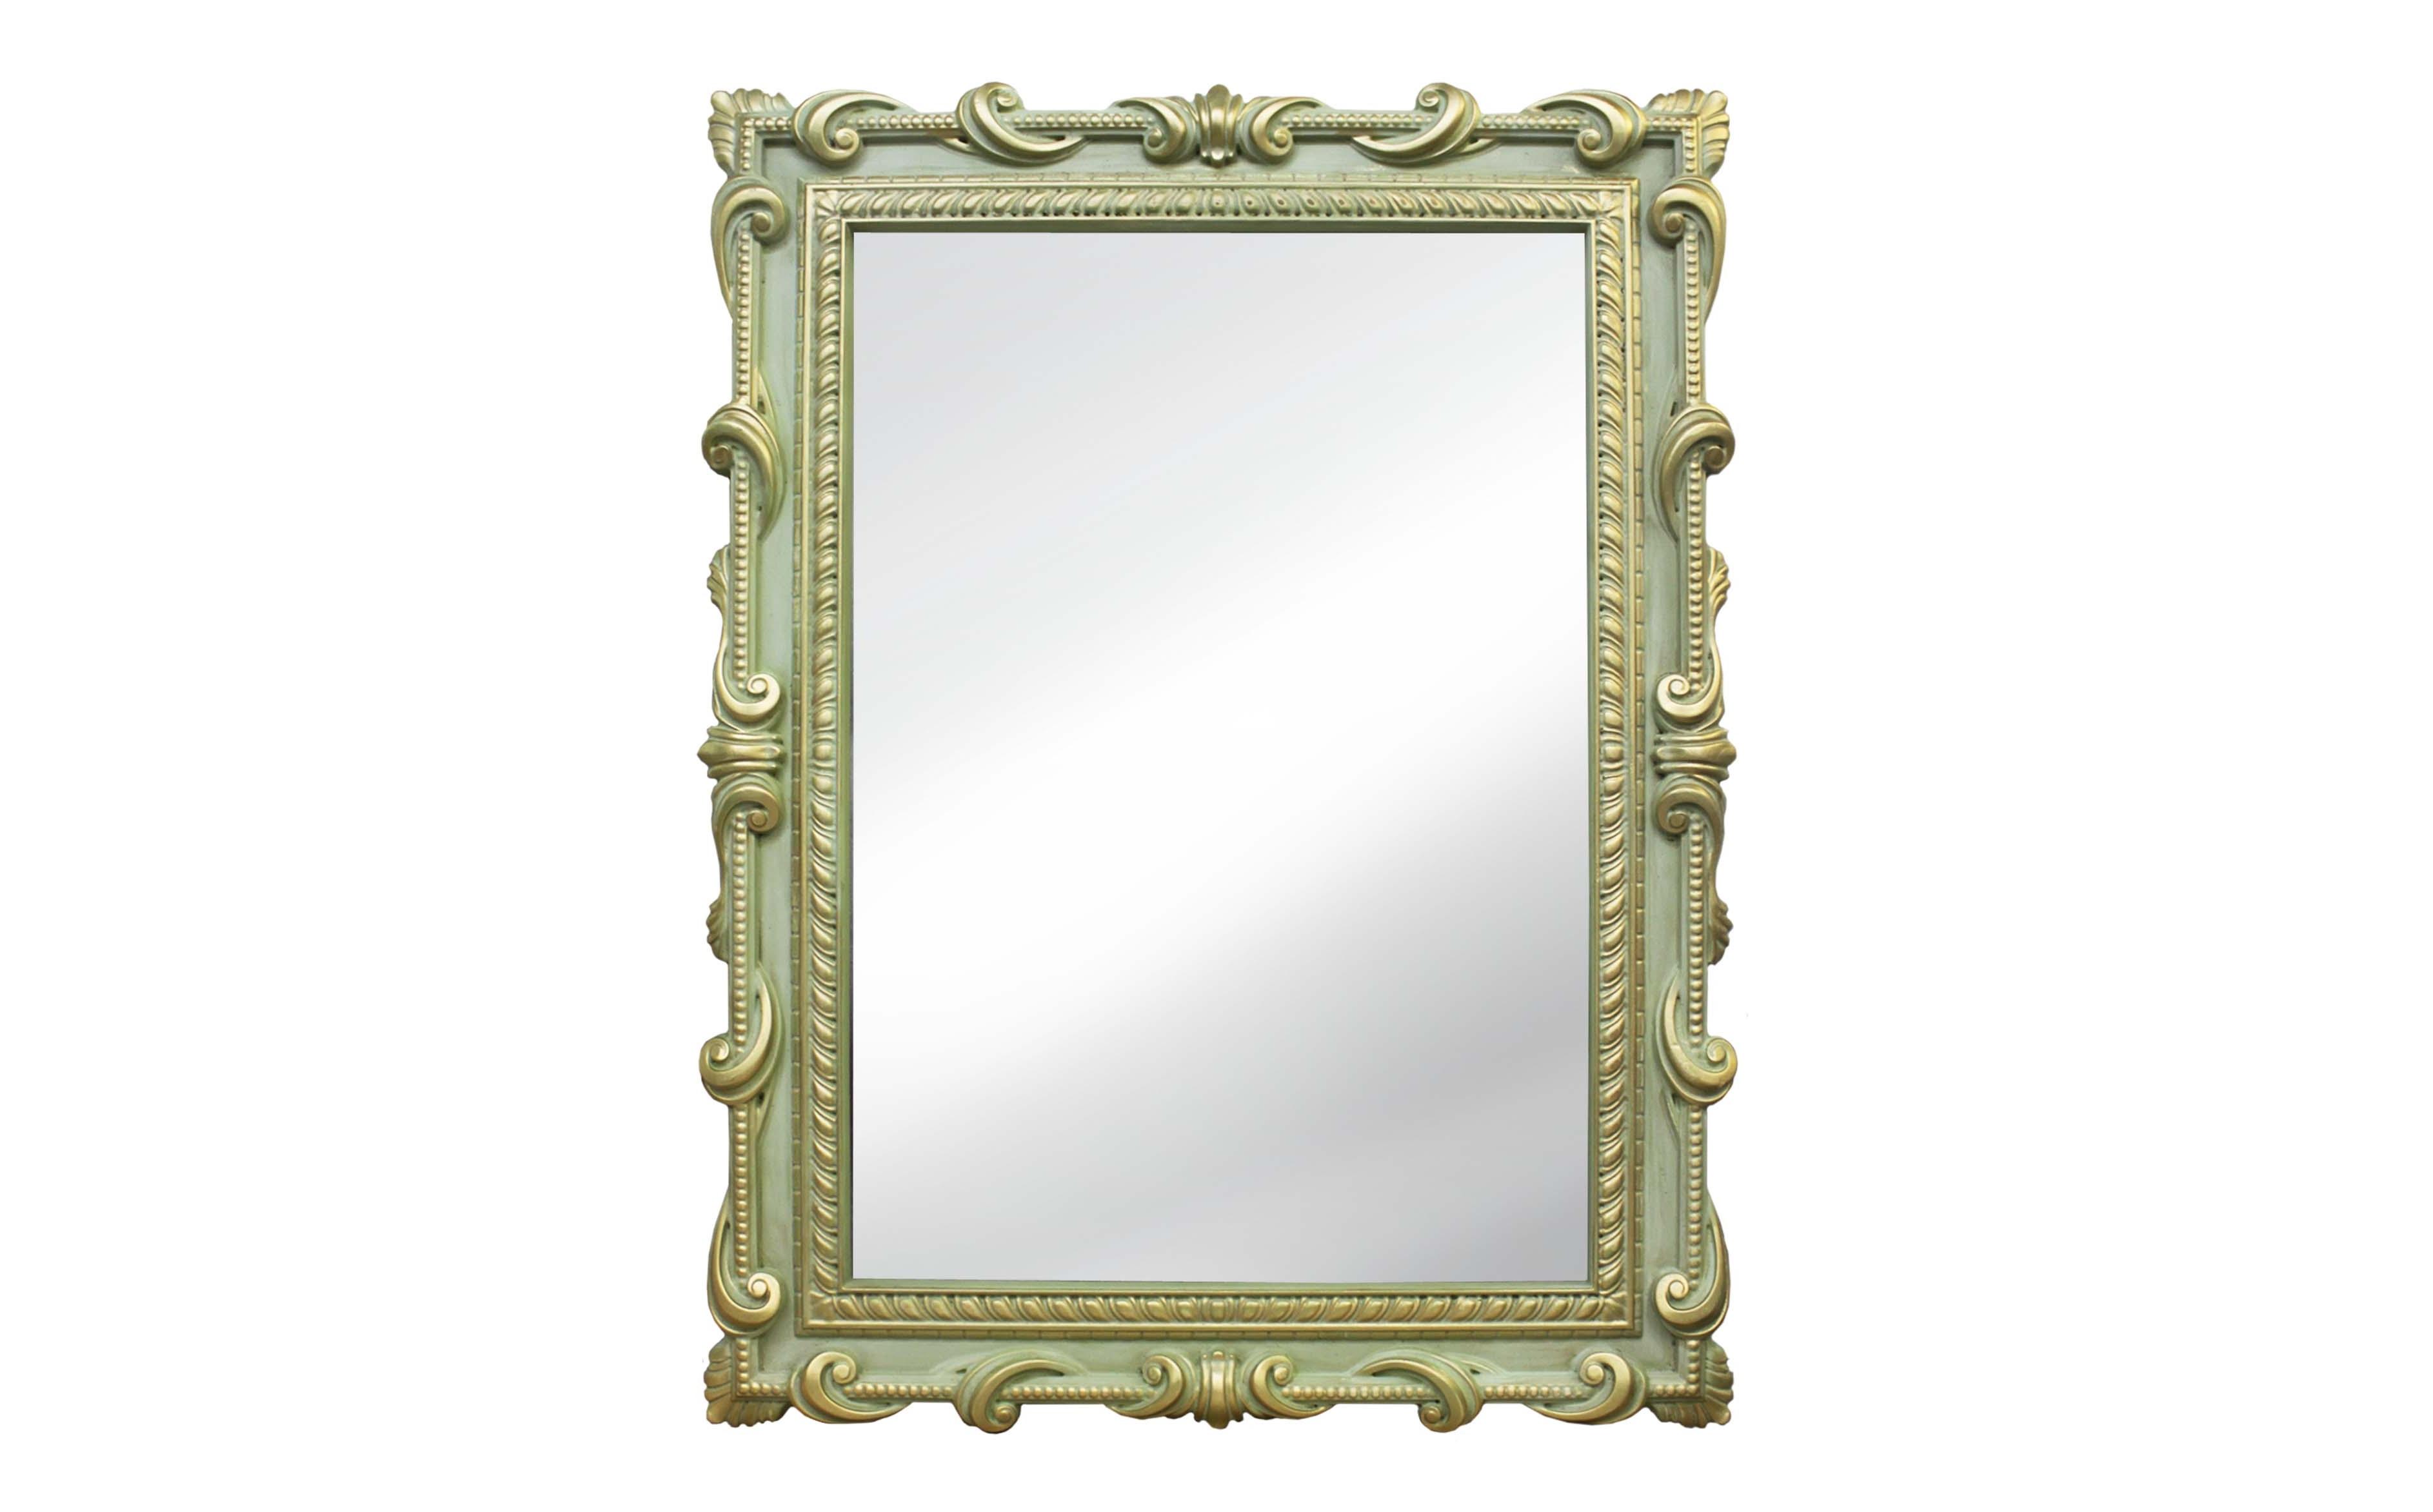 Зеркало ТЕНИАНастенные зеркала<br>&amp;lt;div&amp;gt;&amp;lt;div&amp;gt;Очень эффектное зеркало в классическом вкусе, да с античной нотой. Рама изготовлена из мебельного пенополиуретана, материала твердого и неприхотливого, легкого в обработке и почти вечного в использовании. Резная поверхность окрашена в светло-оливковый оттенок и искусственно состарена нанесением благородной патины. Это зеркало можно повесить в ванной, ему нипочем воздействие влаги.&amp;lt;/div&amp;gt;&amp;lt;/div&amp;gt;&amp;lt;div&amp;gt;&amp;lt;span style=&amp;quot;line-height: 1.78571;&amp;quot;&amp;gt;&amp;lt;br&amp;gt;&amp;lt;/span&amp;gt;&amp;lt;/div&amp;gt;&amp;lt;div&amp;gt;&amp;lt;span style=&amp;quot;line-height: 1.78571;&amp;quot;&amp;gt;Исполнение: Олива Золото Патина&amp;lt;/span&amp;gt;&amp;lt;br&amp;gt;&amp;lt;/div&amp;gt;<br><br>Material: Полиуретан<br>Length см: None<br>Width см: 72<br>Depth см: 4<br>Height см: 94